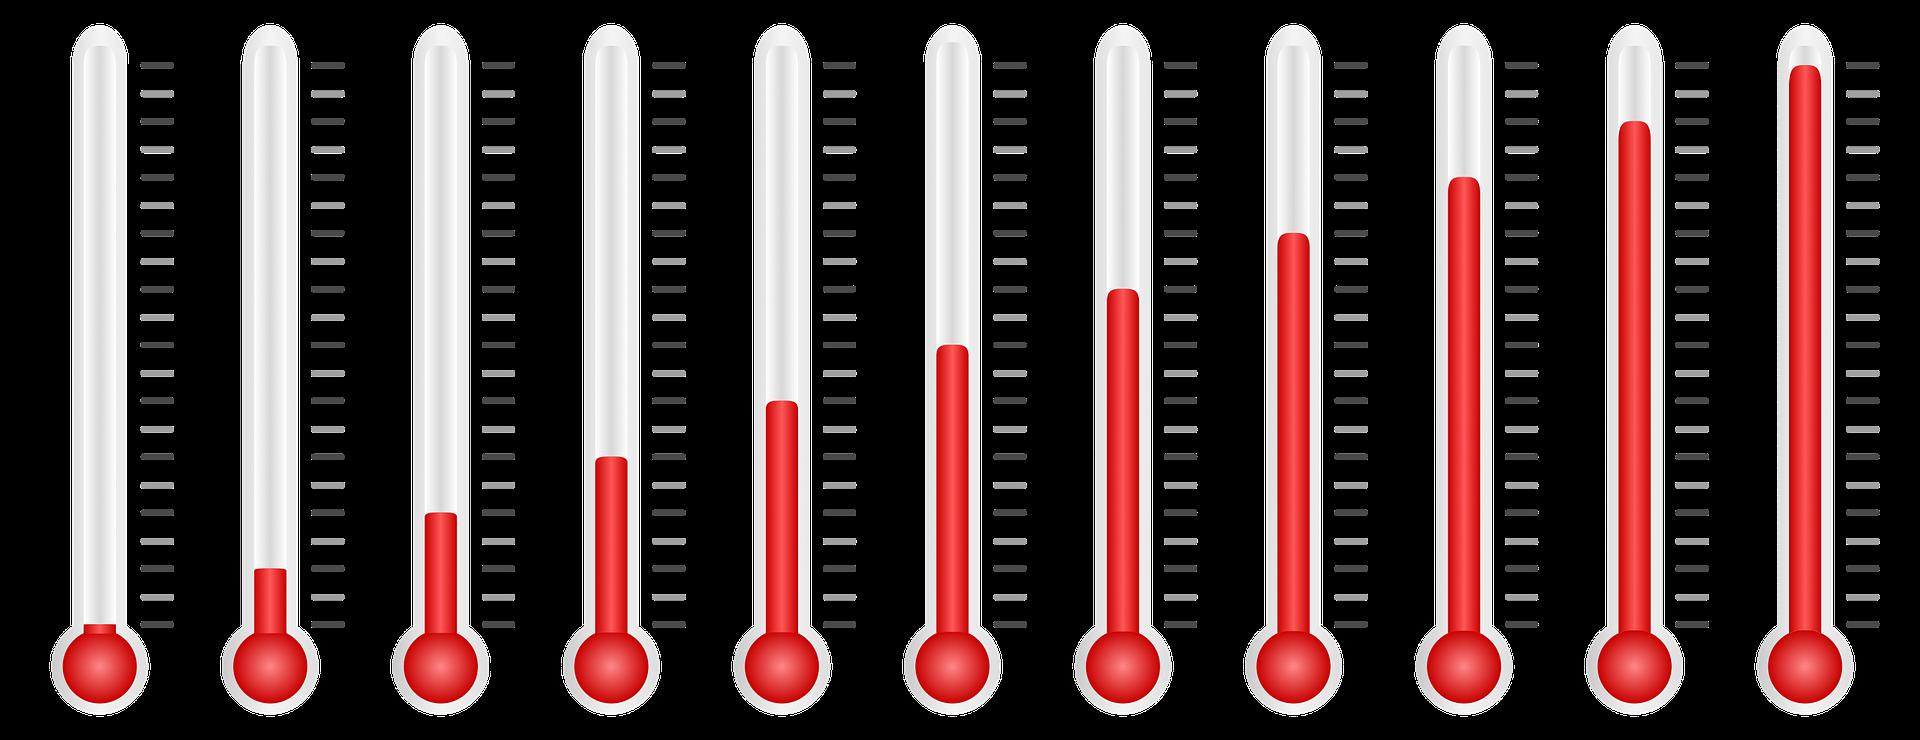 Déterminer la température de l'eau sans thermomètre